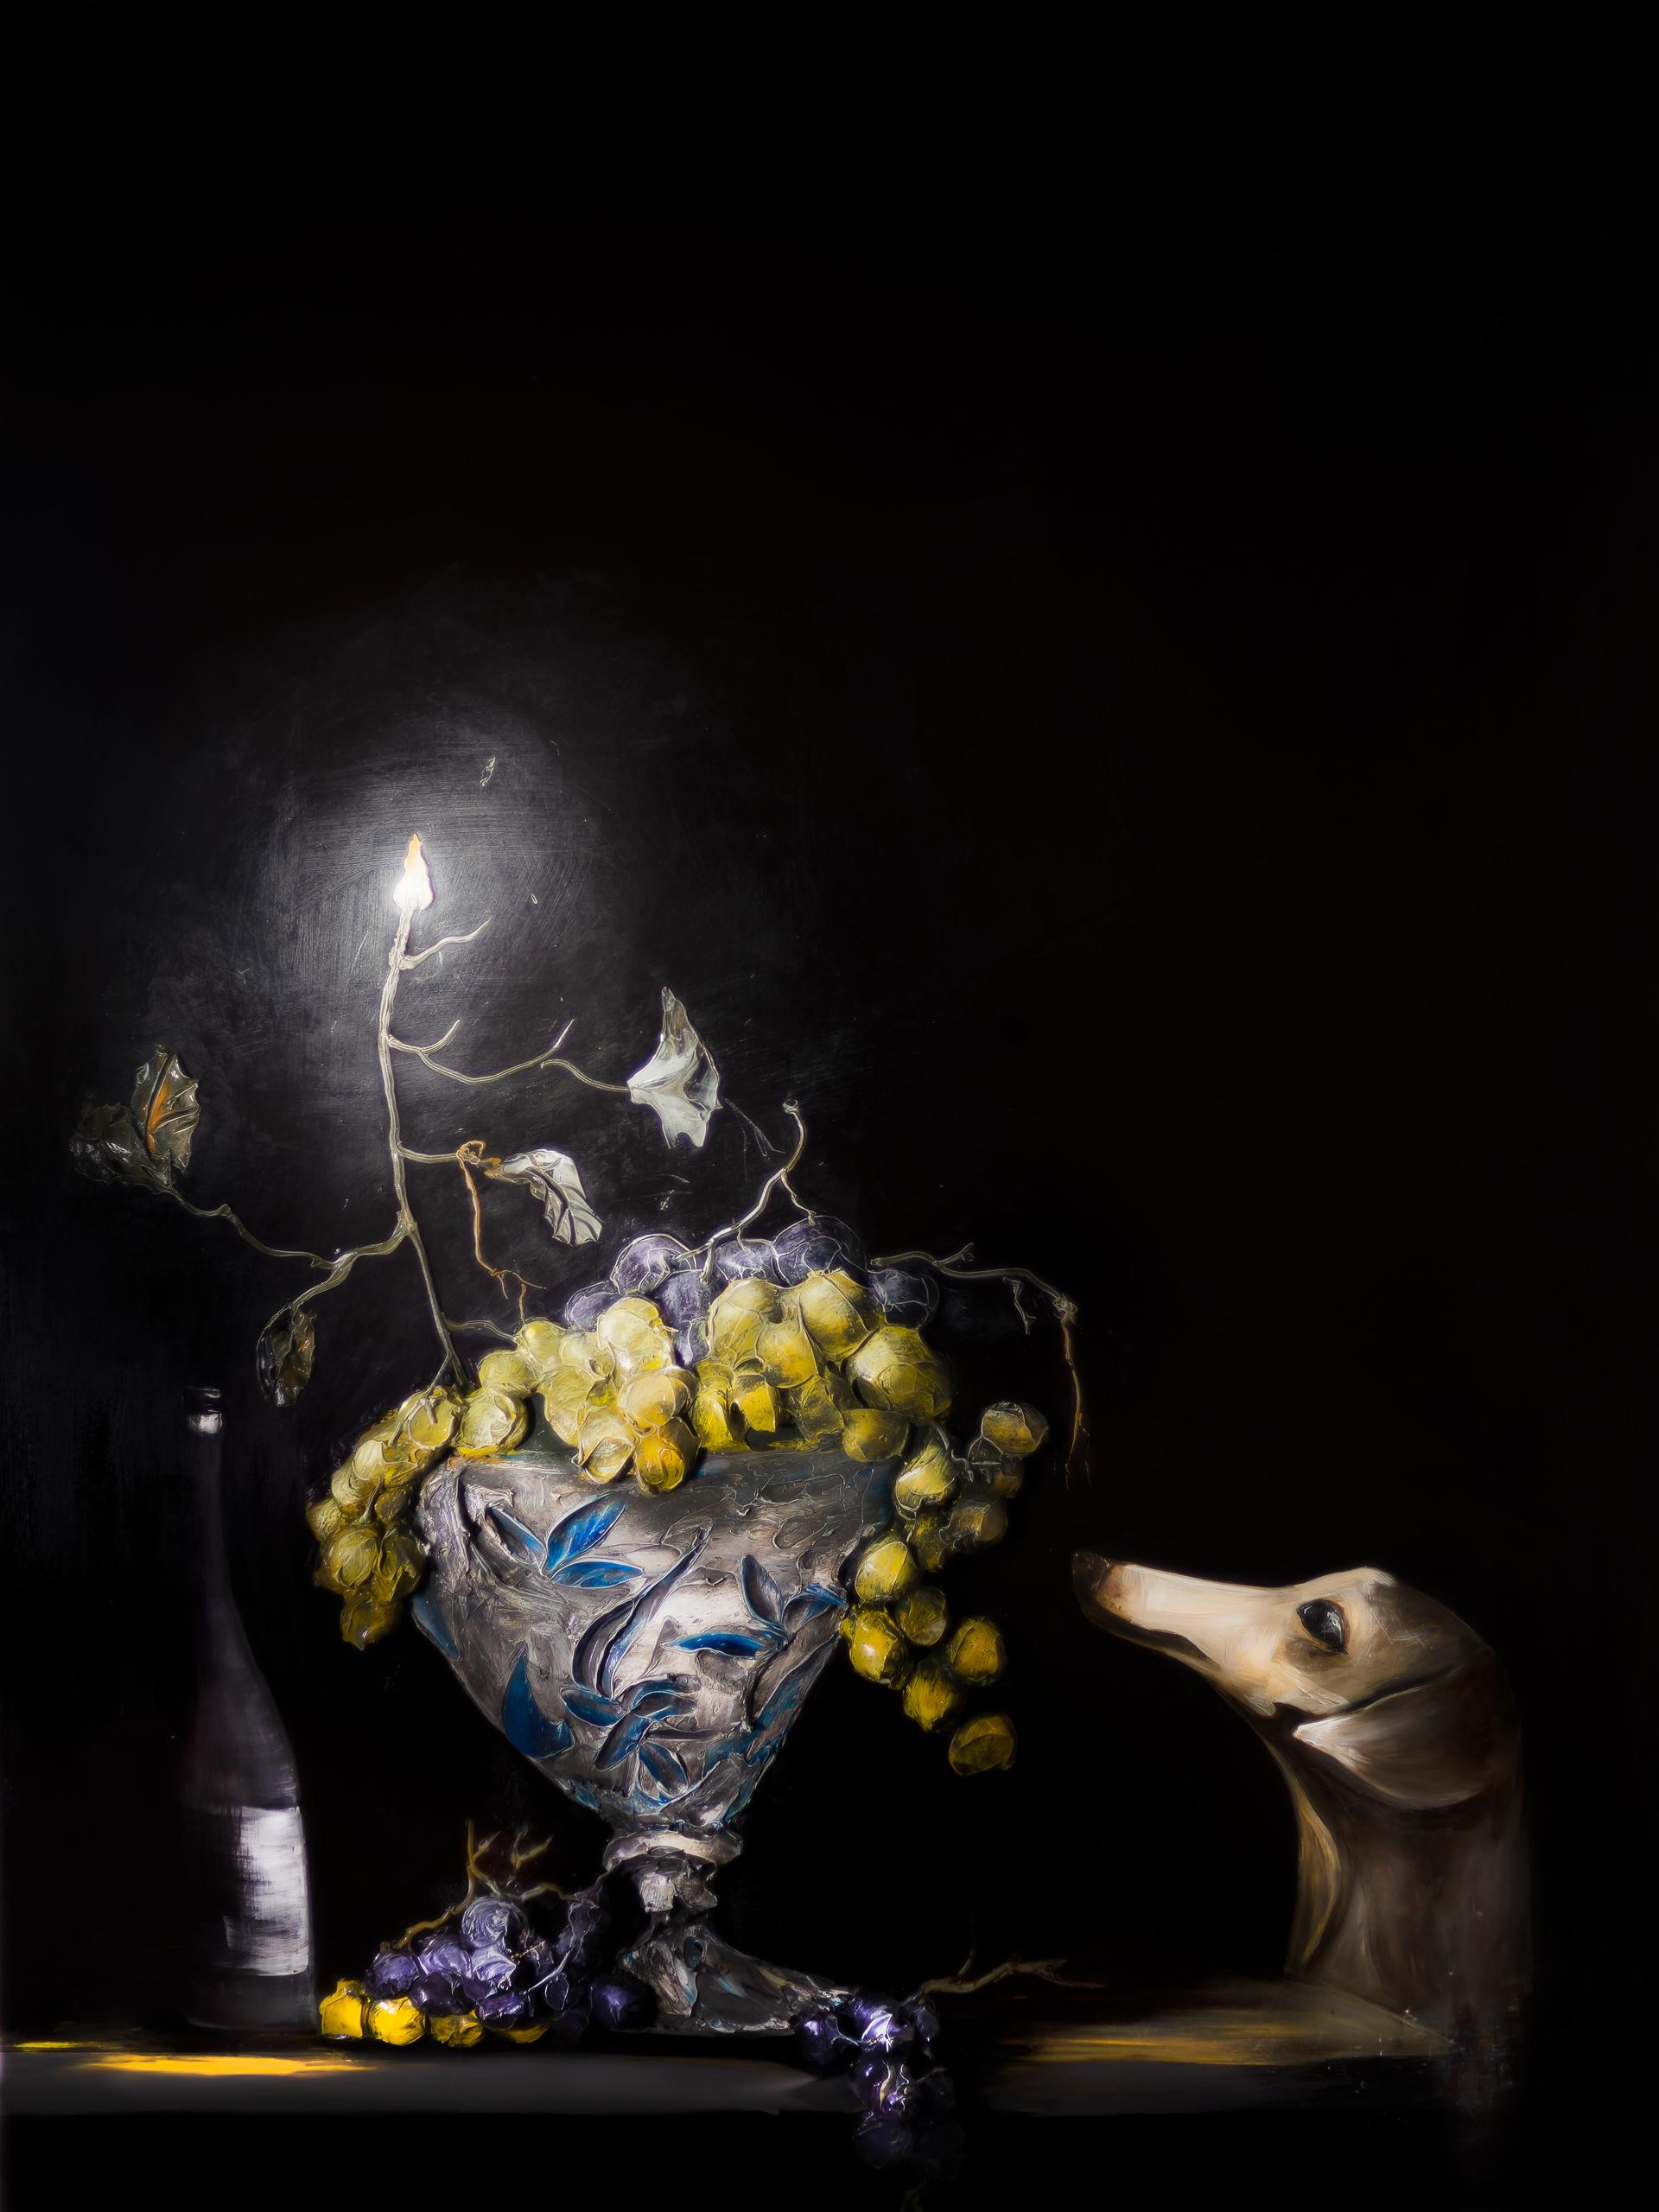 I SAW THE LIGHT  LS-DL-45x60-2019-147 by JUSTIN GAFFREY